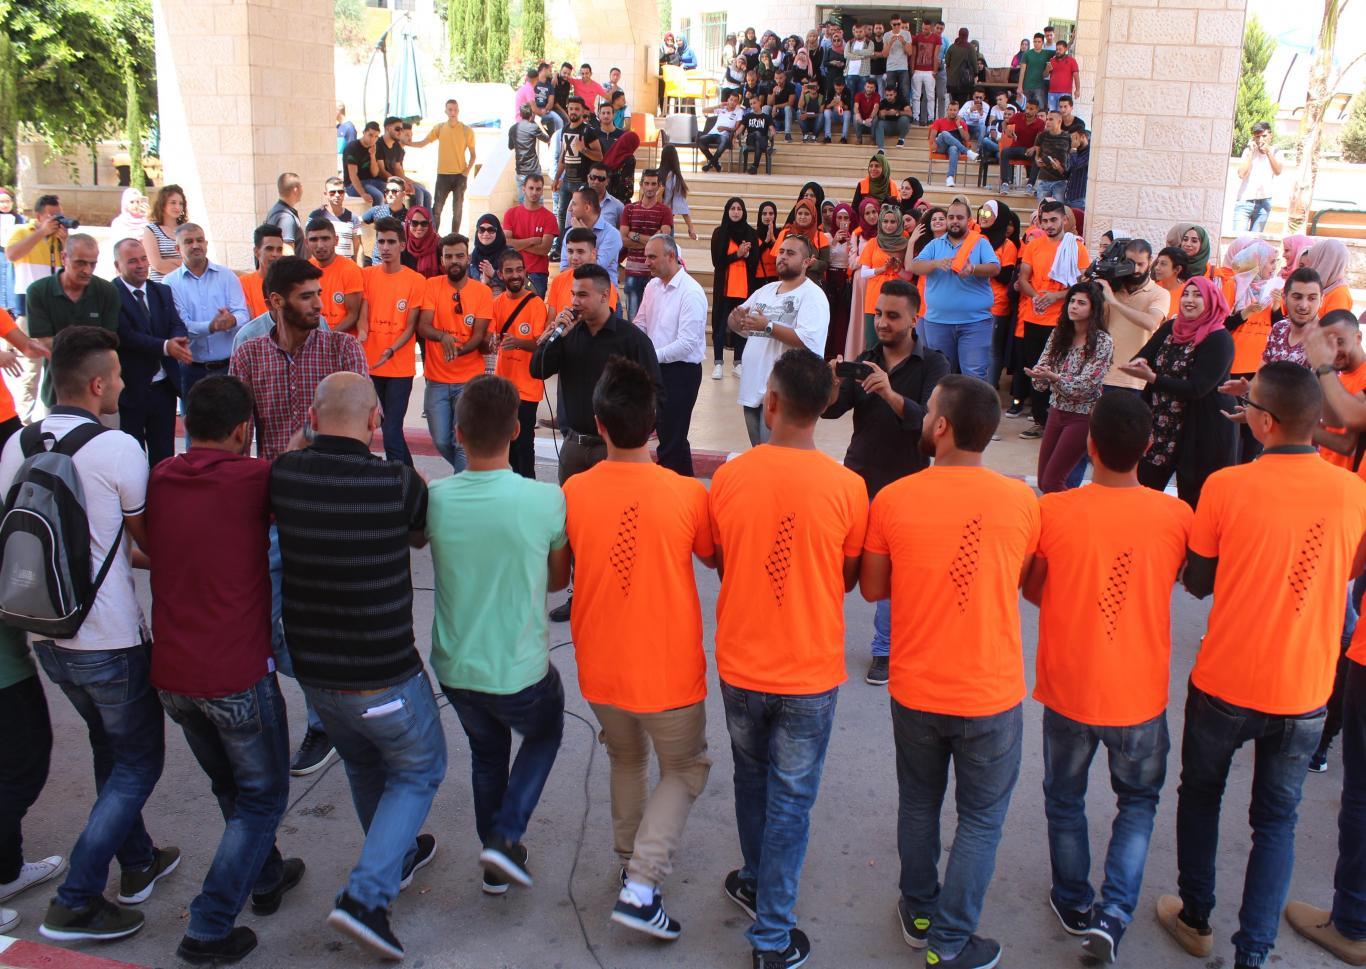 الجامعة العربية الامريكية تحتفي بيوم الشباب العالمي بتنظيم نشاط شبابي فني تفاعلي